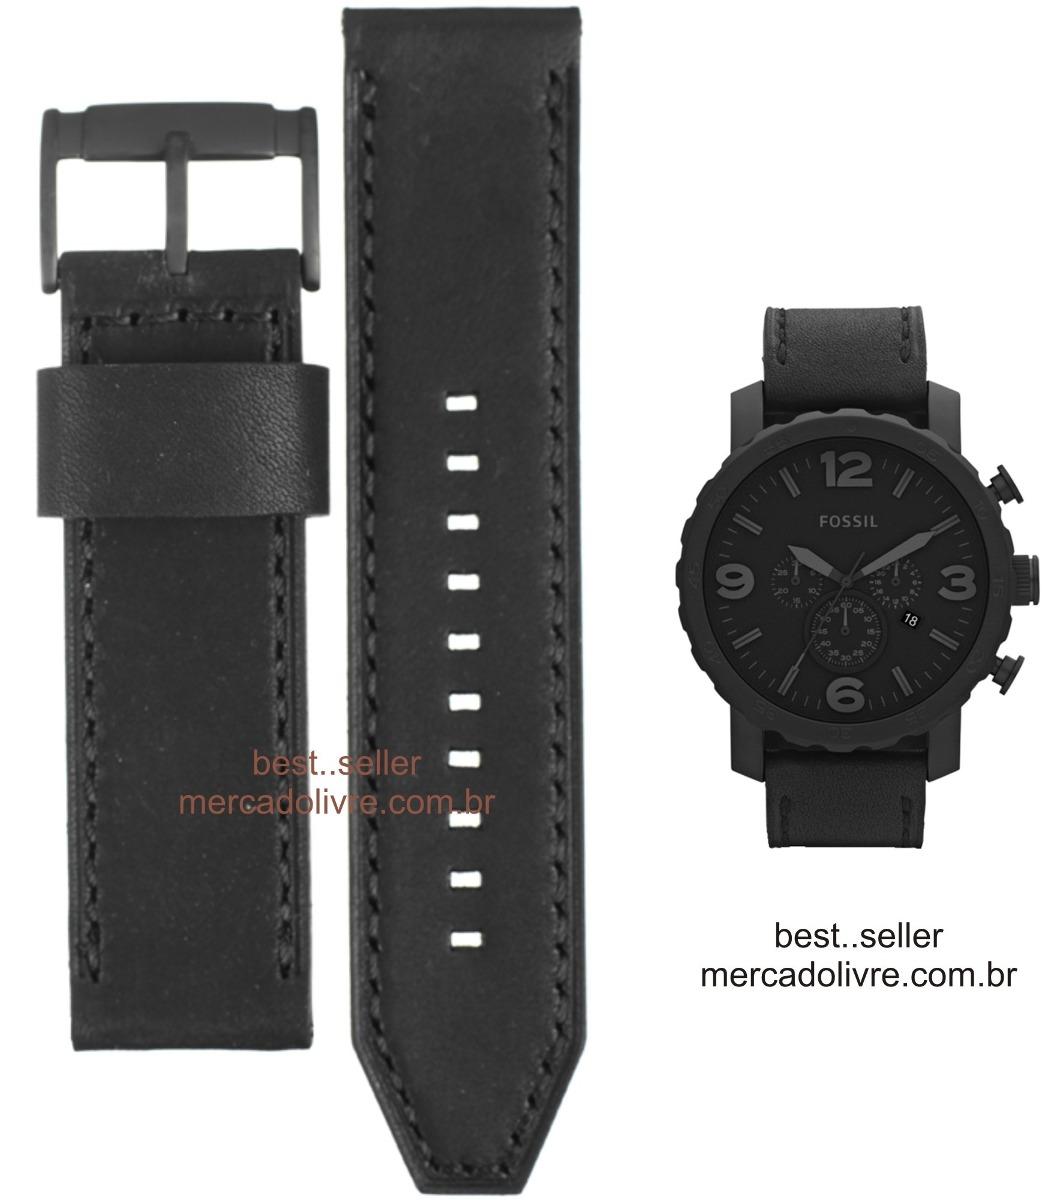 1d549f6f597 pulseira relógio fossil jr 1354 jr1354 1390 1357 1369 couro. Carregando zoom .